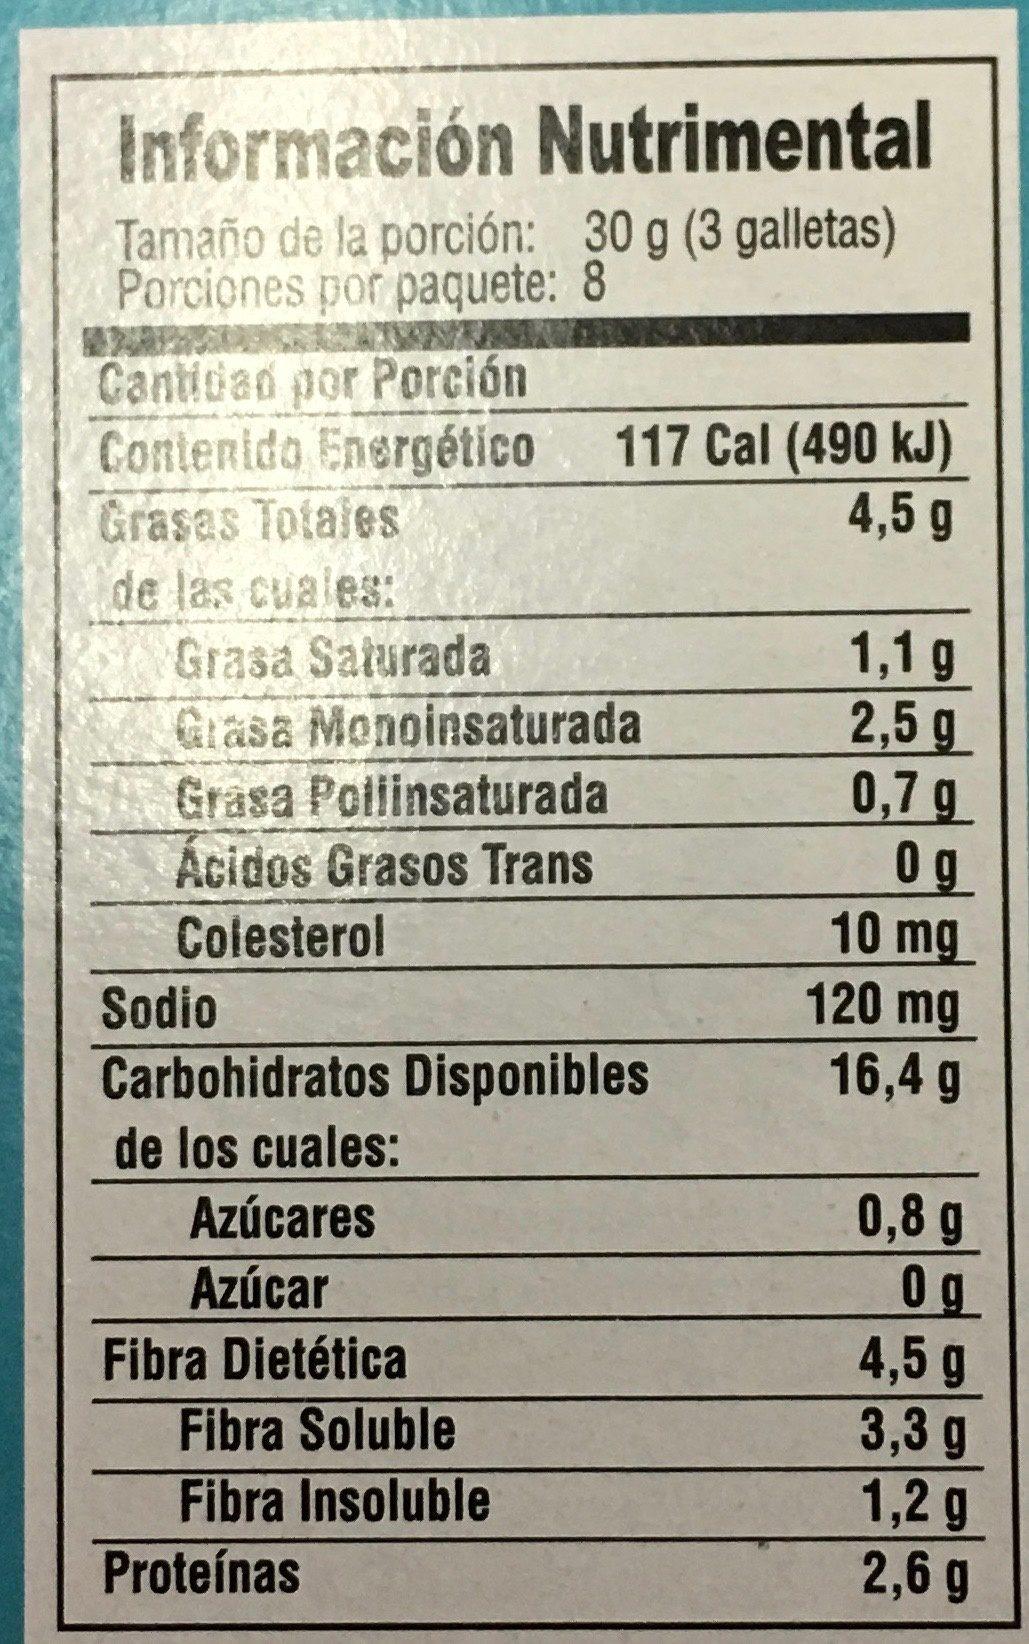 GALLETAS QUAKER CON ALMENDRA - Informations nutritionnelles - es